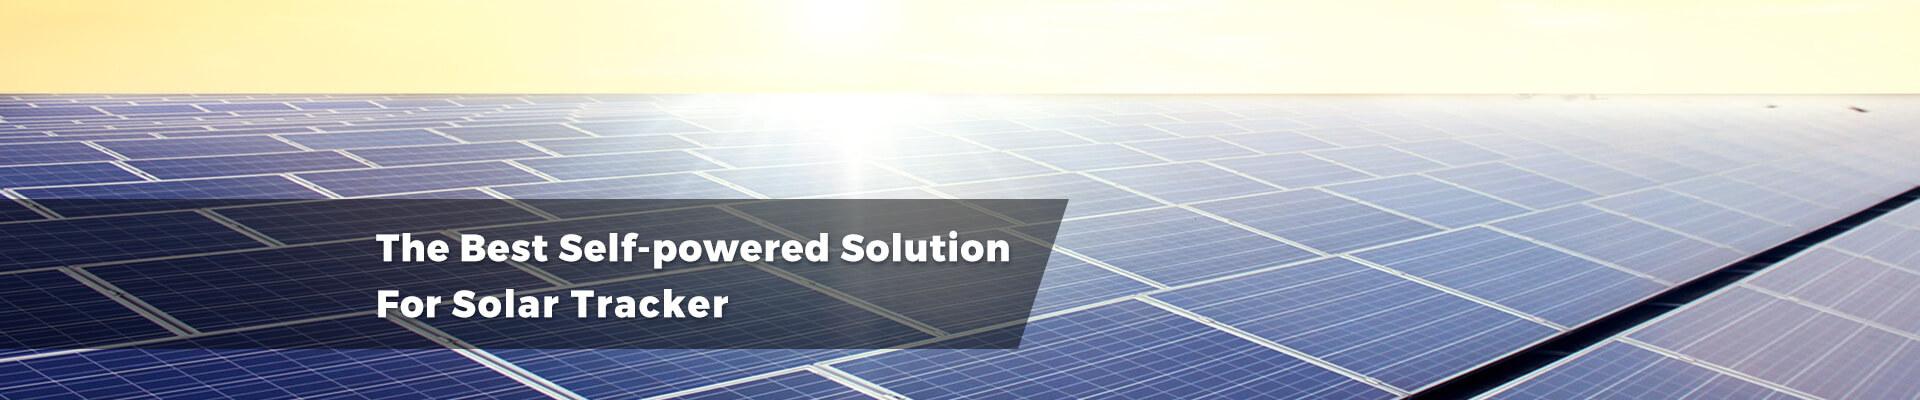 mornsun Best Self-Powered Solution for Solar Tracker